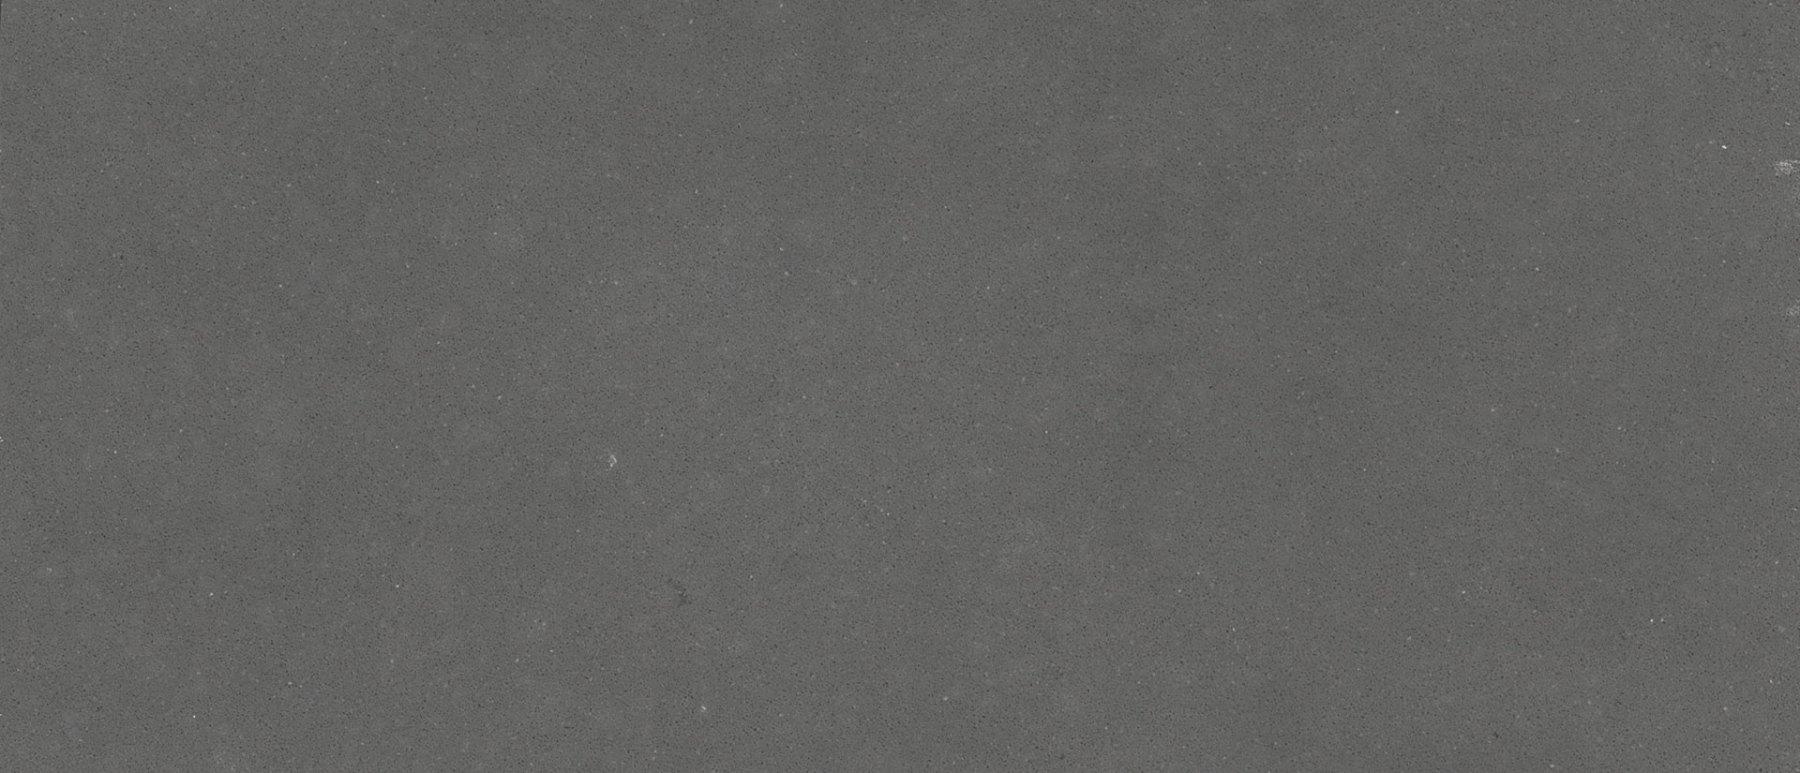 shadow-gray-quartz-1